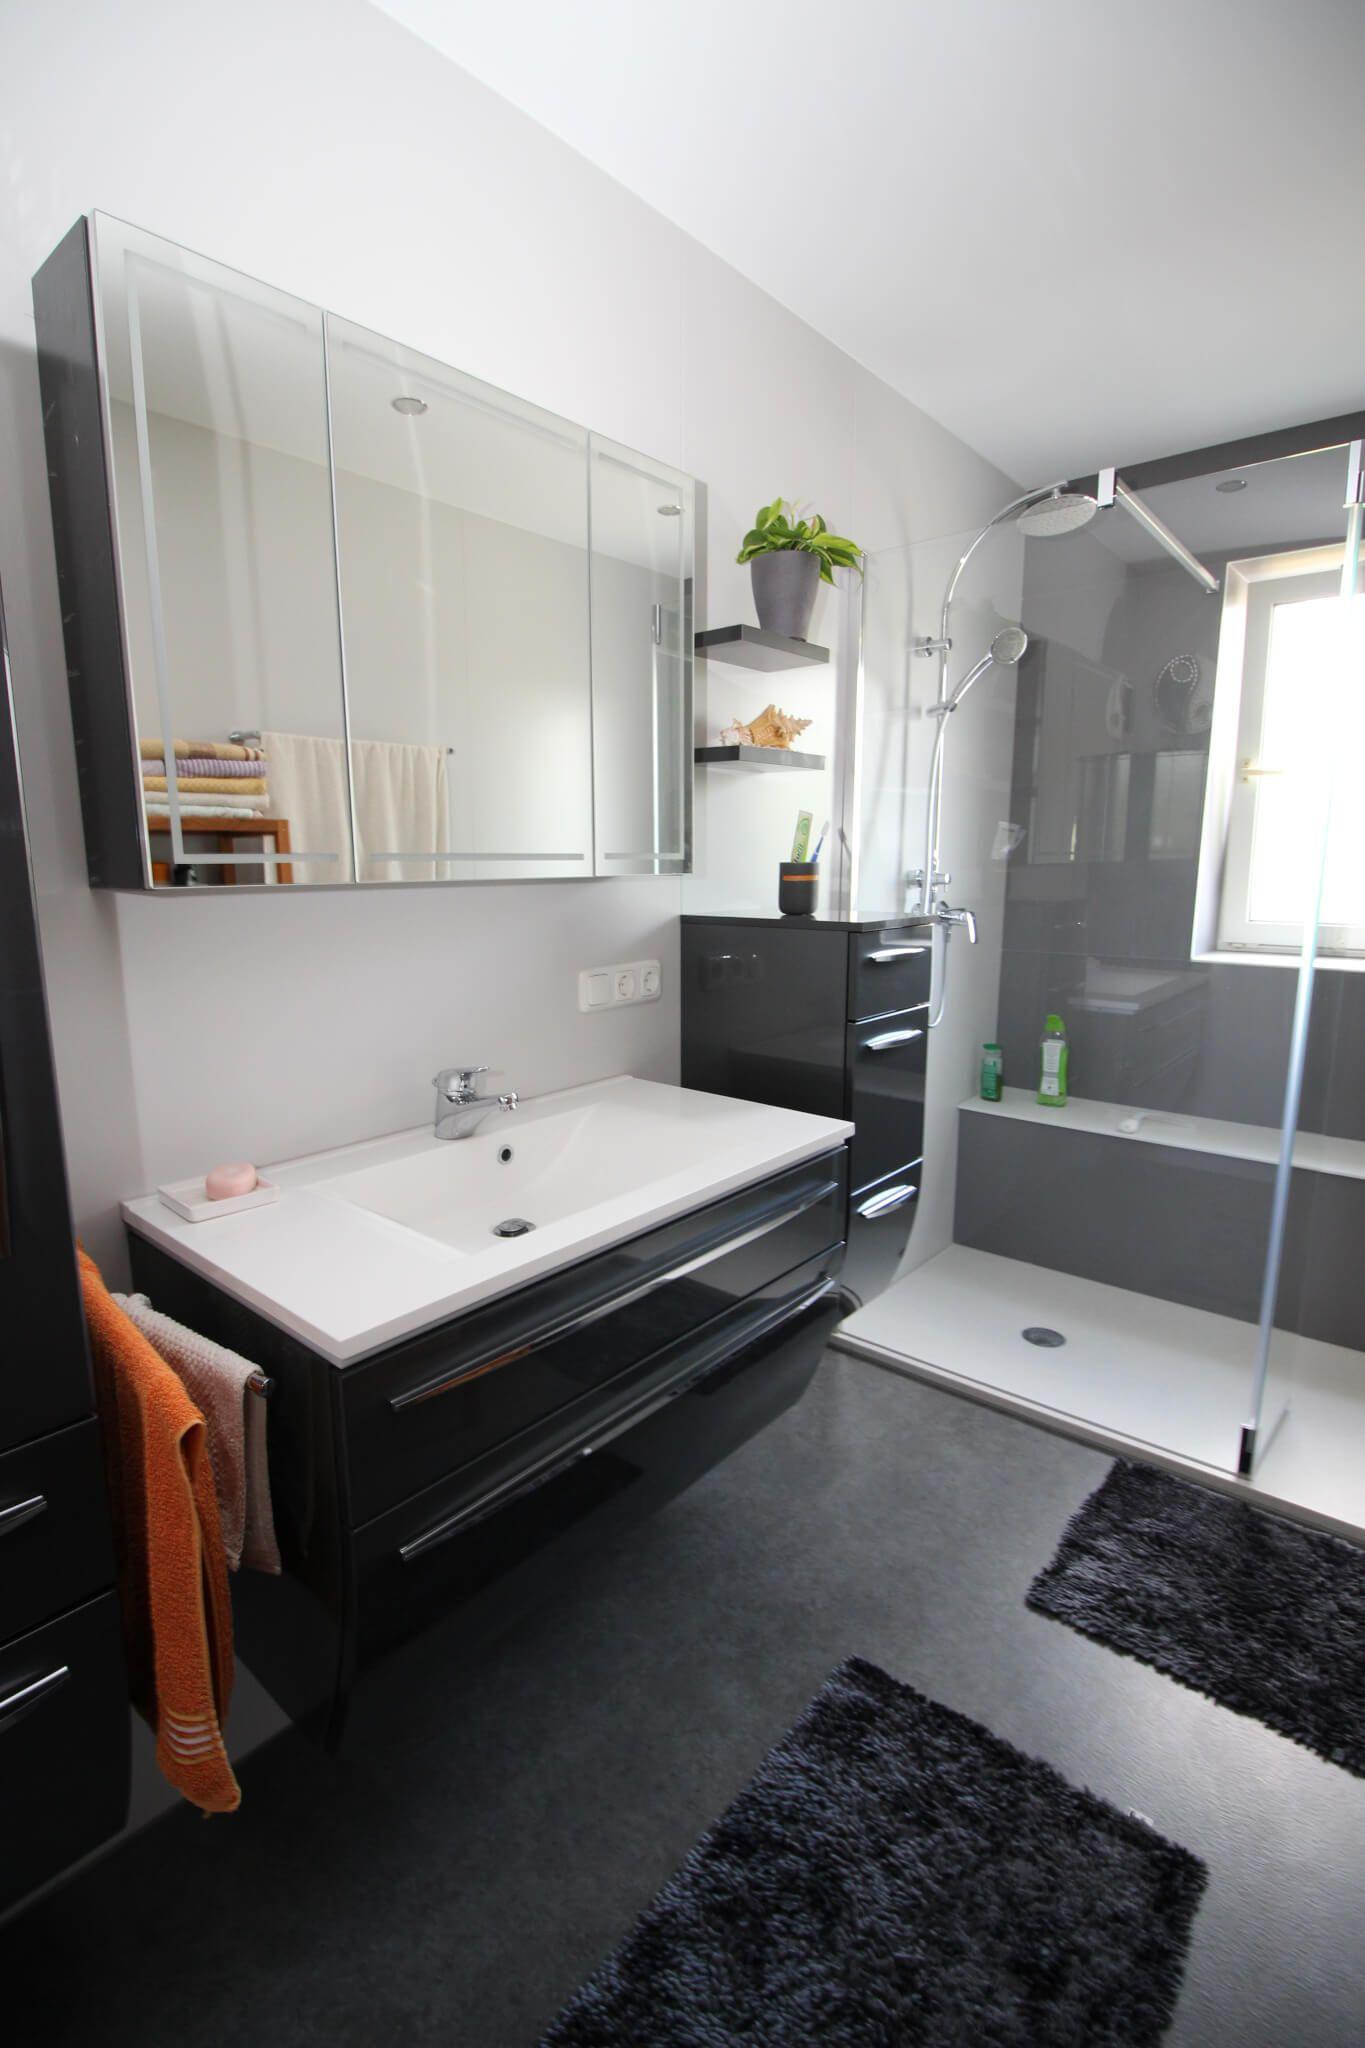 Modernes Wohlfühlbad Mit Fußboden In Steinoptik, Behindertengerechter Dusche  Mit Bodengleichem Einsteig, Spanndecke Mit LED